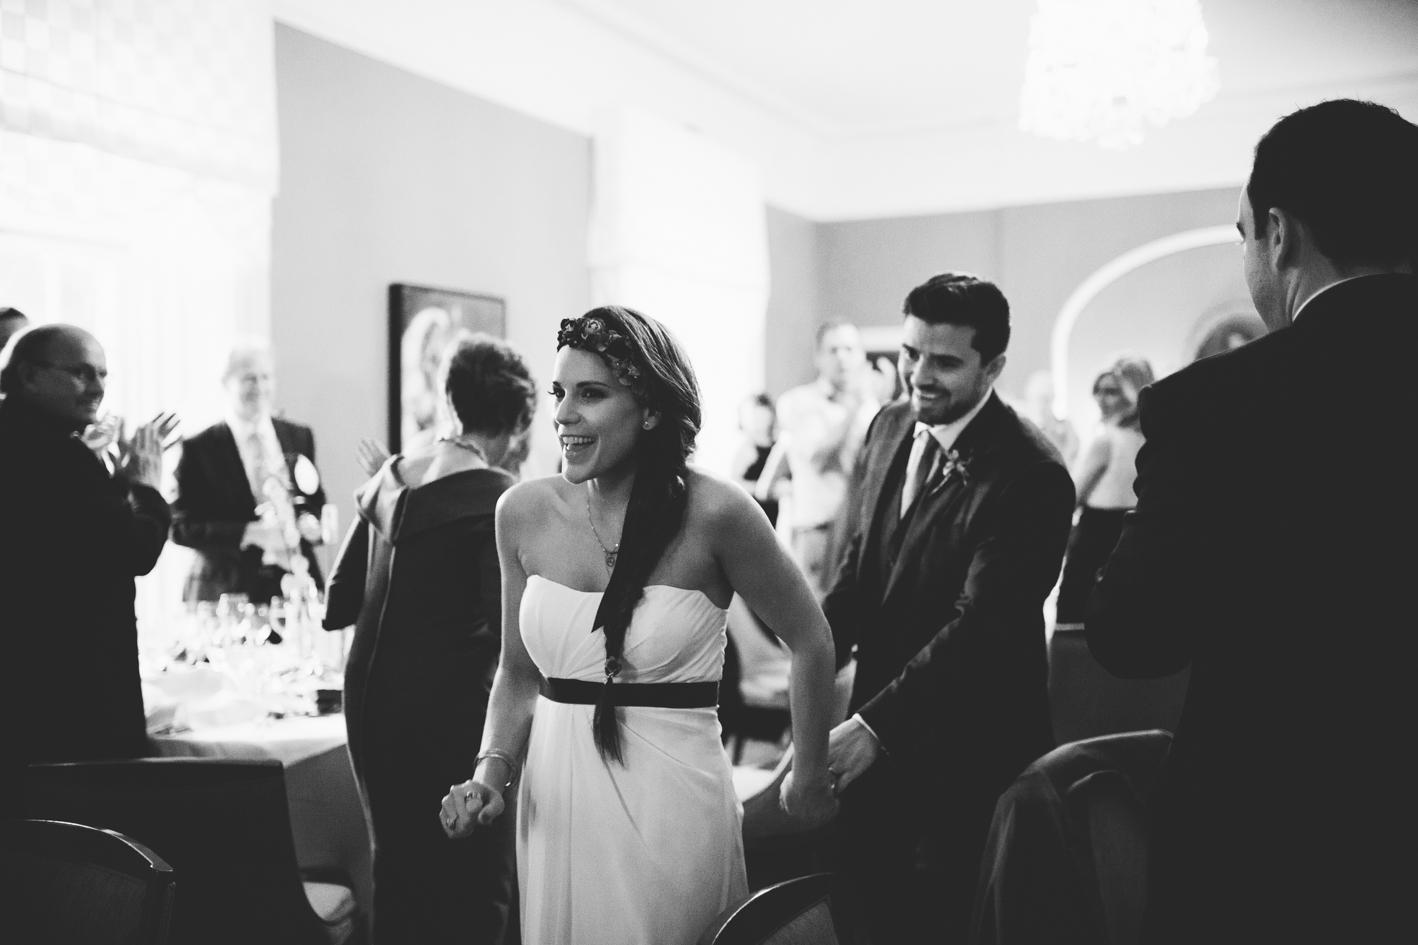 Wedding photographer Ireland Graciela Vilagudin 869.jpg